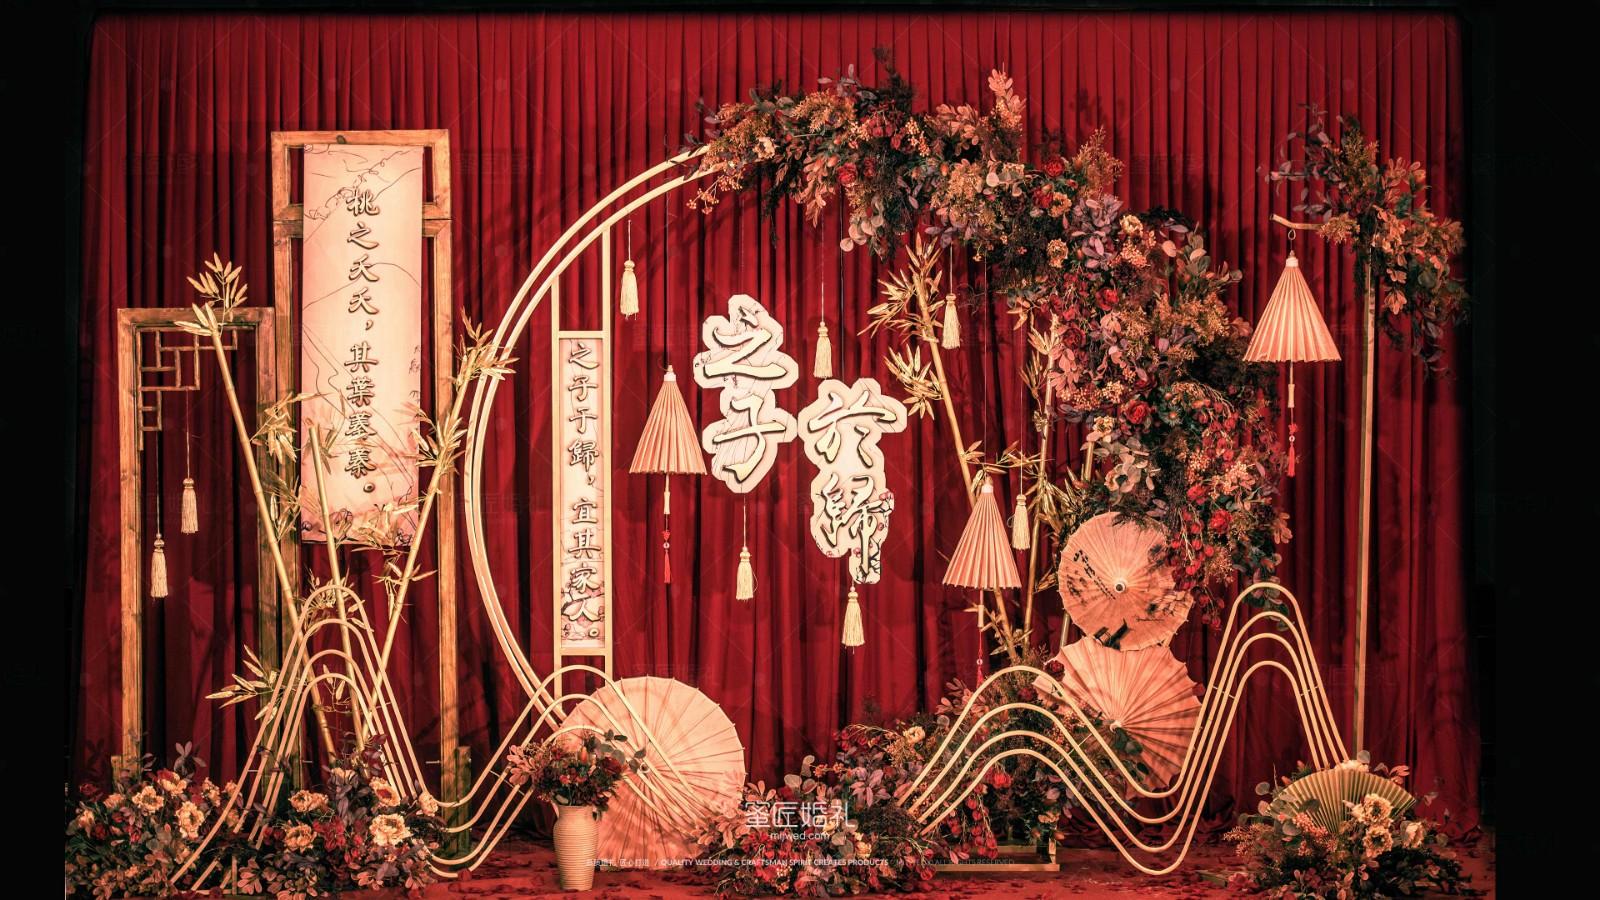 武汉户外办婚礼多少钱,武汉户外婚礼较普通多少钱